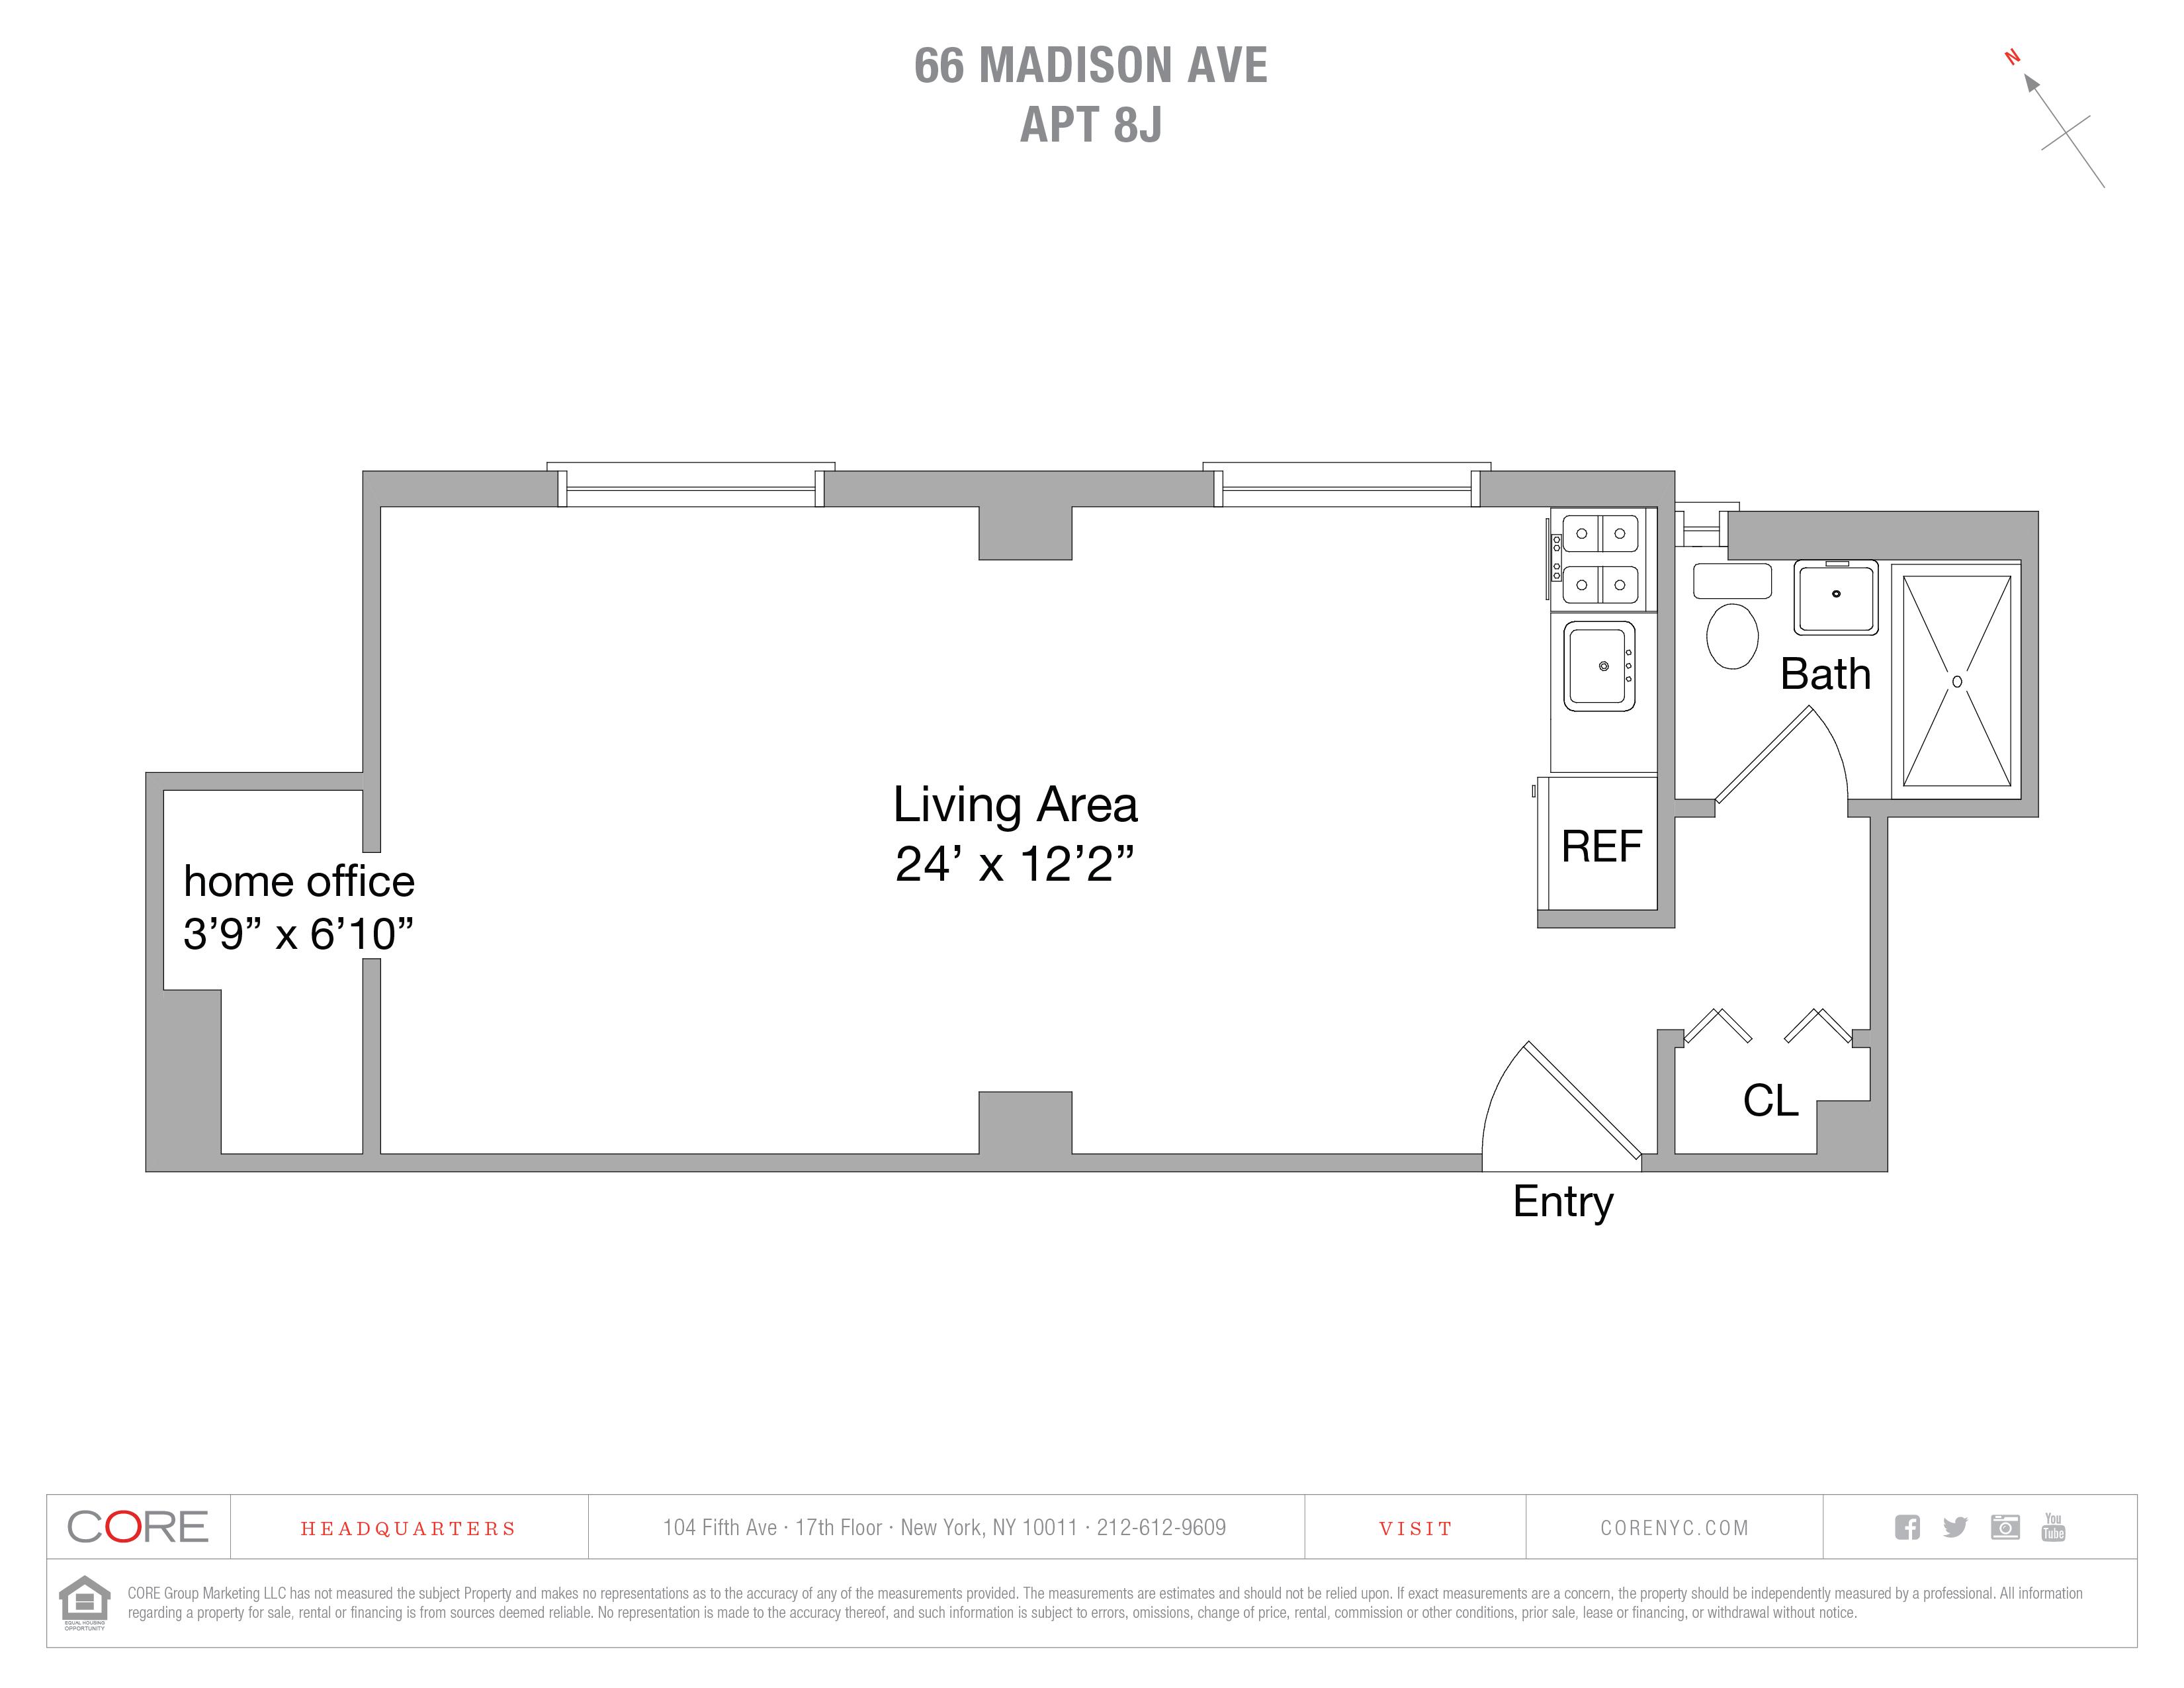 66 Madison Ave. 8J, New York, NY 10016